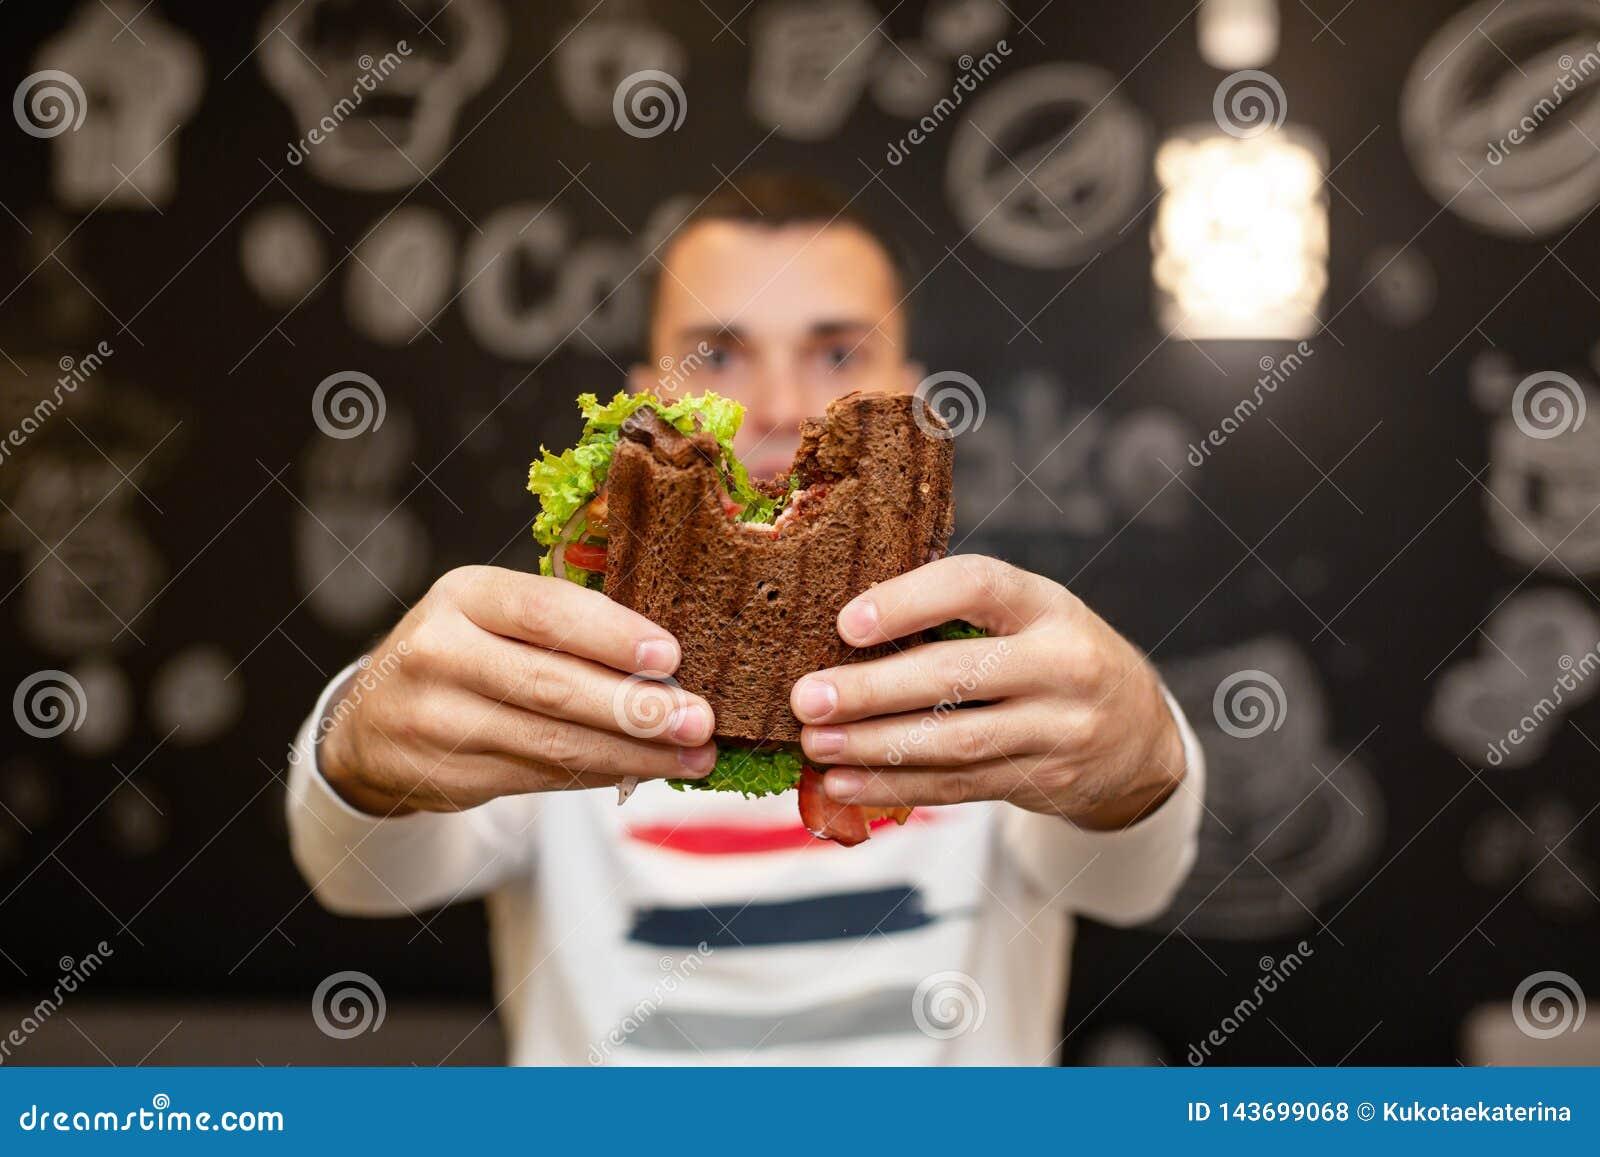 Close-up grappig vaag protrait van jonge mensengreep gebeten sandwich door zijn twee handen Sandwich in nadruk Donkere achtergron